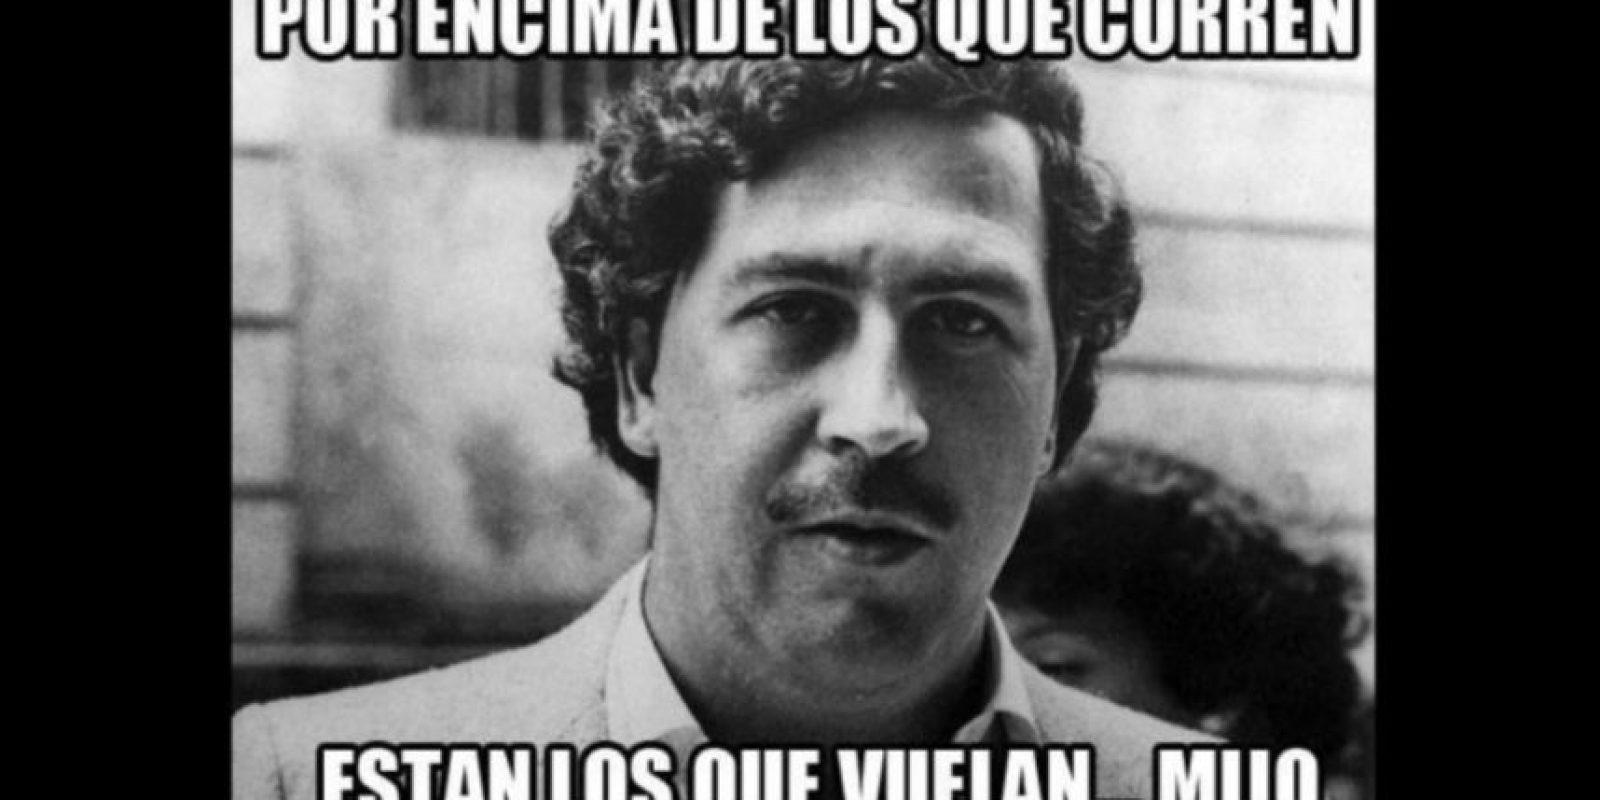 Así lucía el famoso capo de la droga colombiano, Pablo Escobar. Foto:Vía Twitter